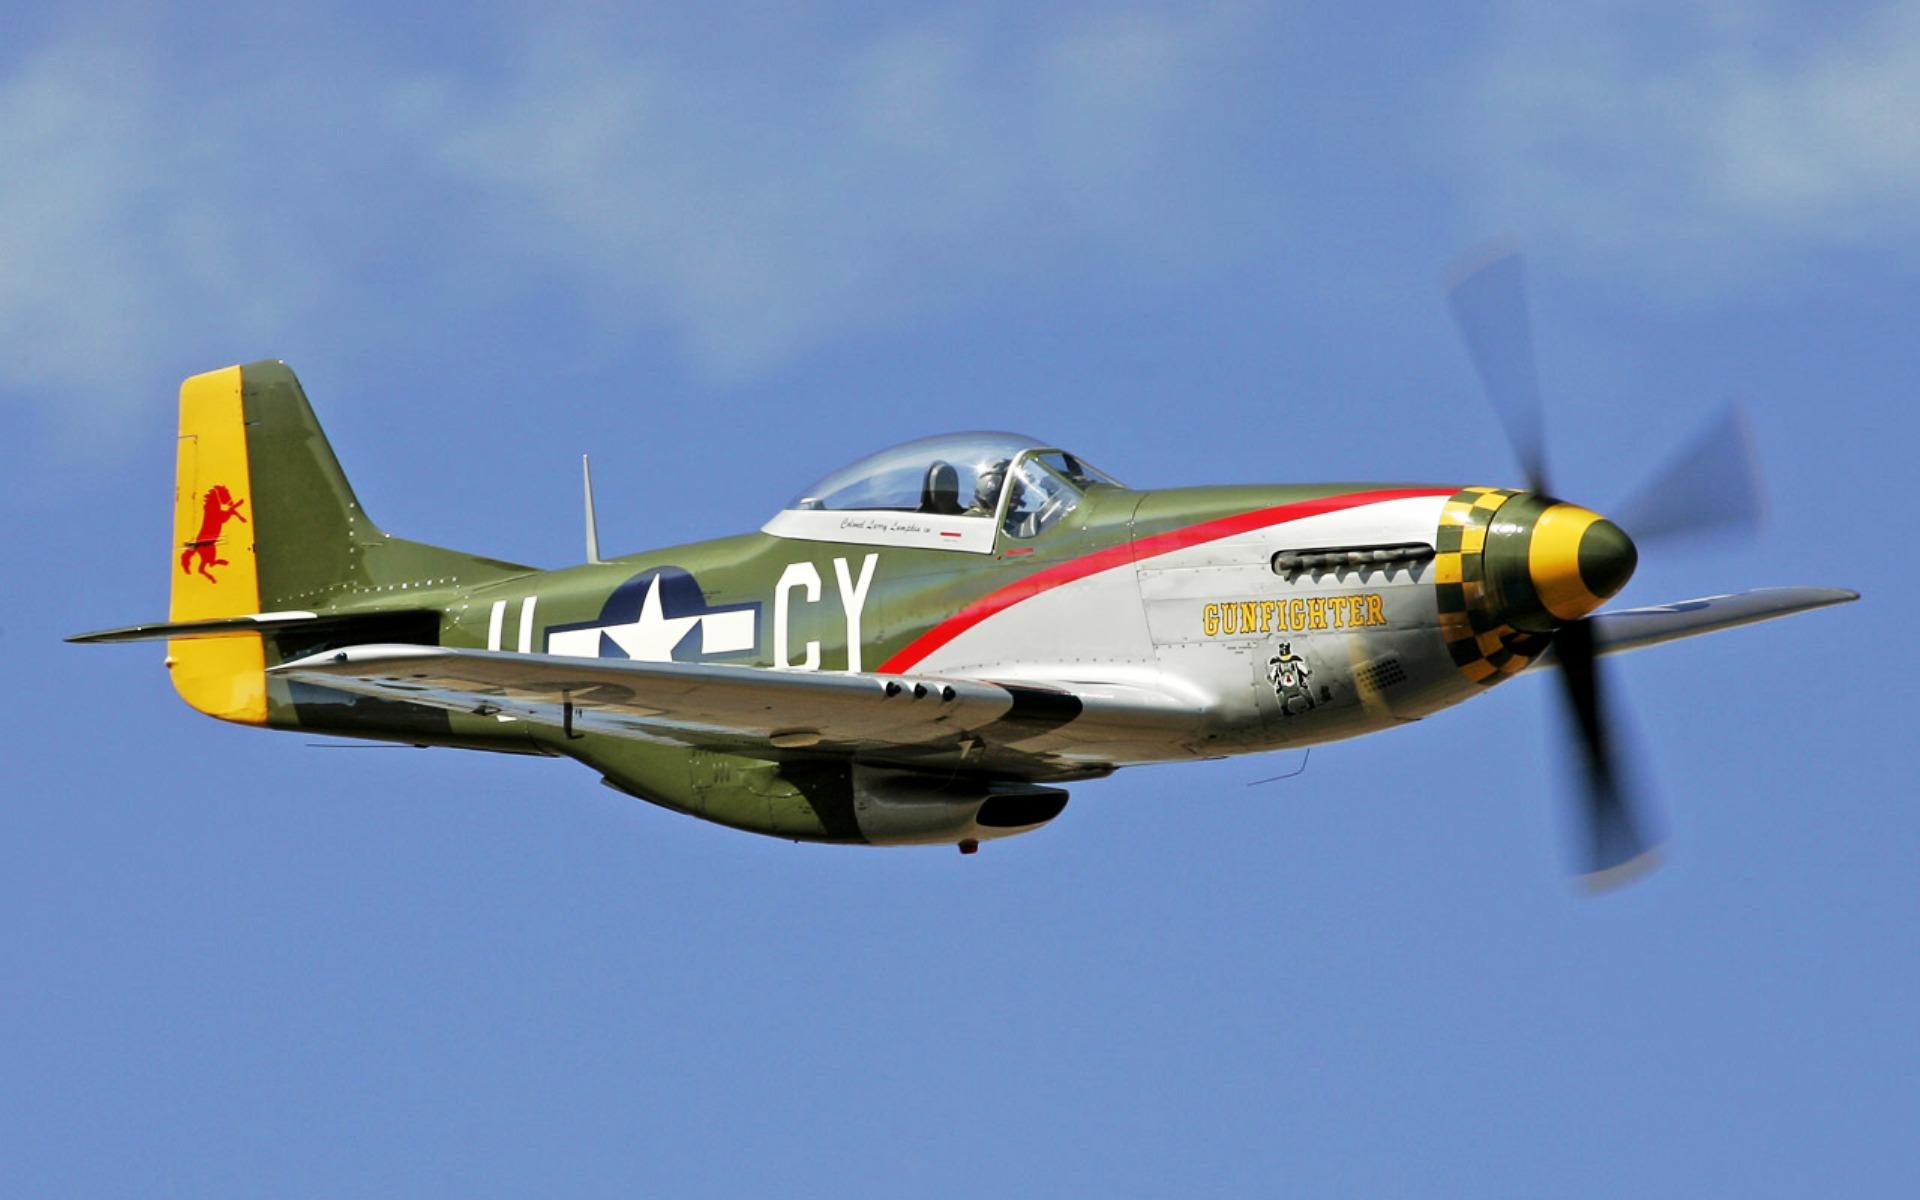 Обои дальний, одноместный, P-51c mustang, американский. Авиация foto 16